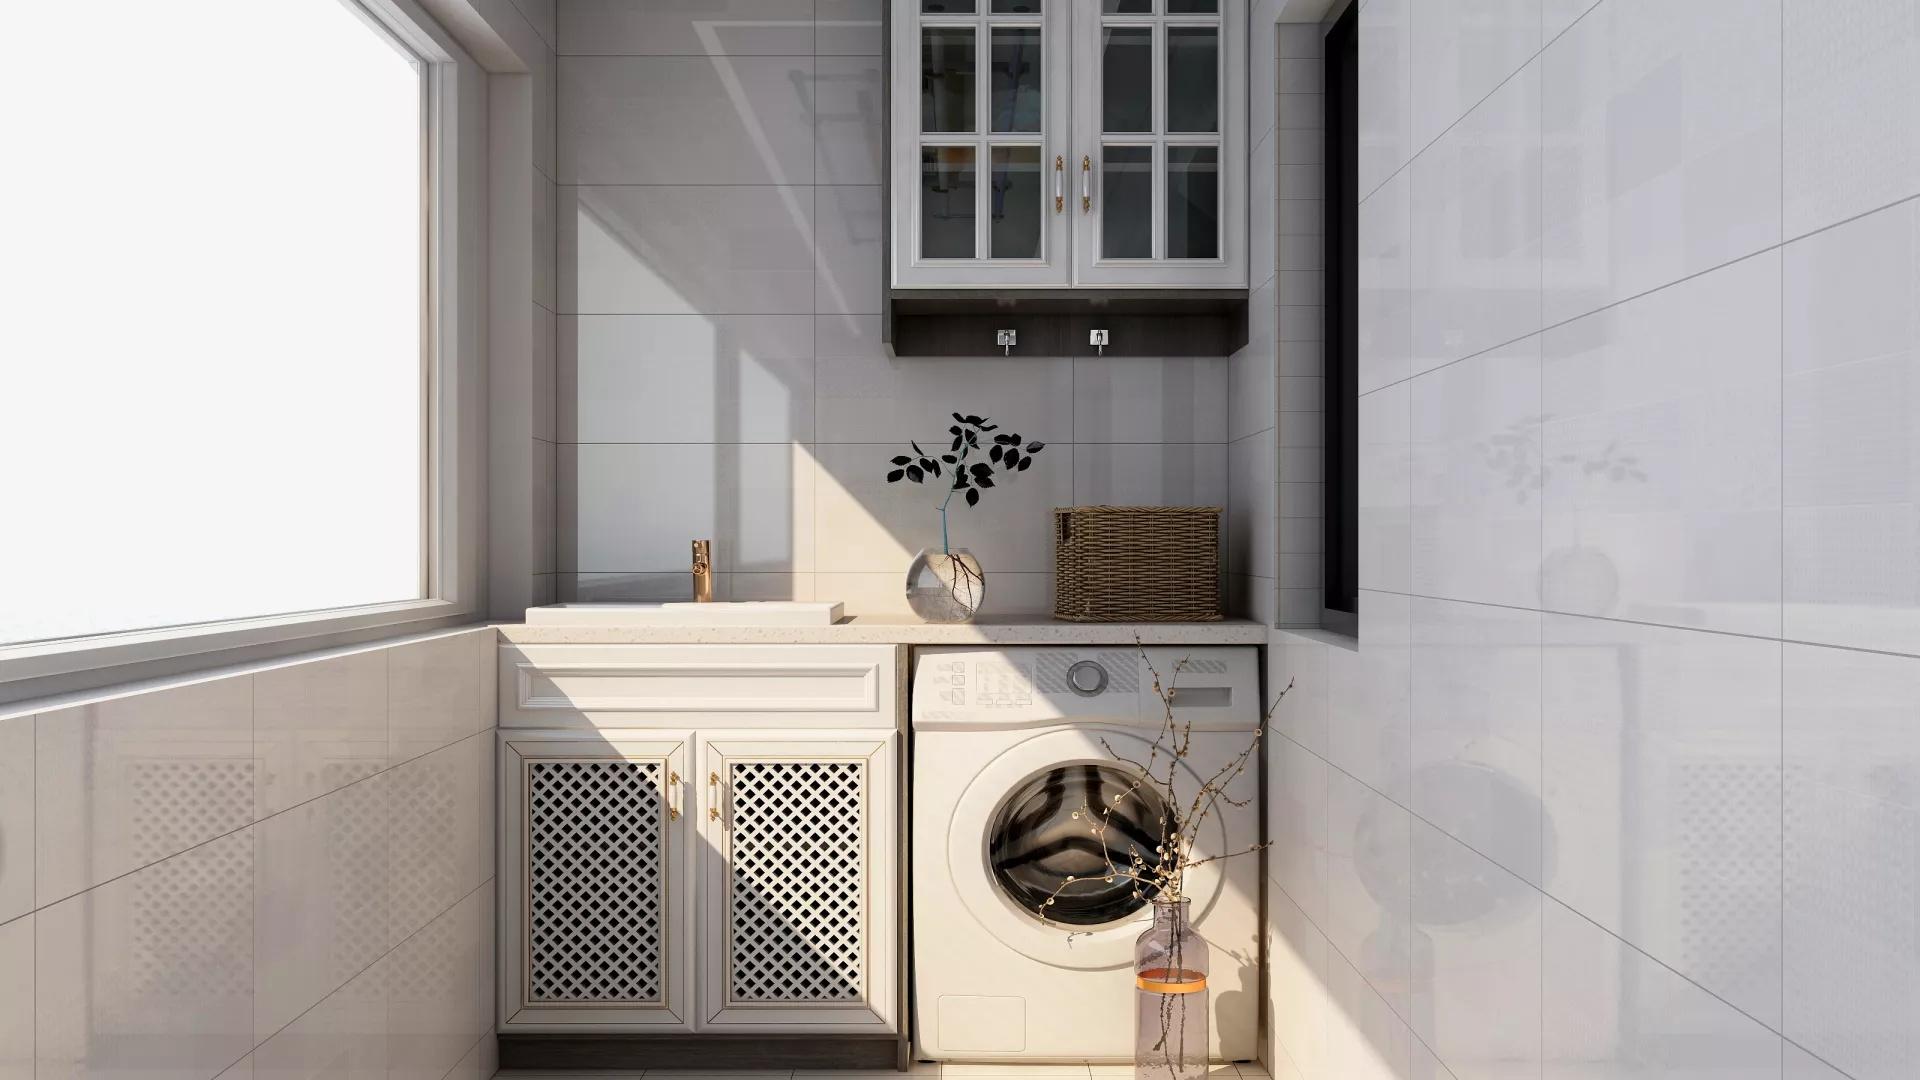 空调启动器多少钱 空调启动器维修价格参考